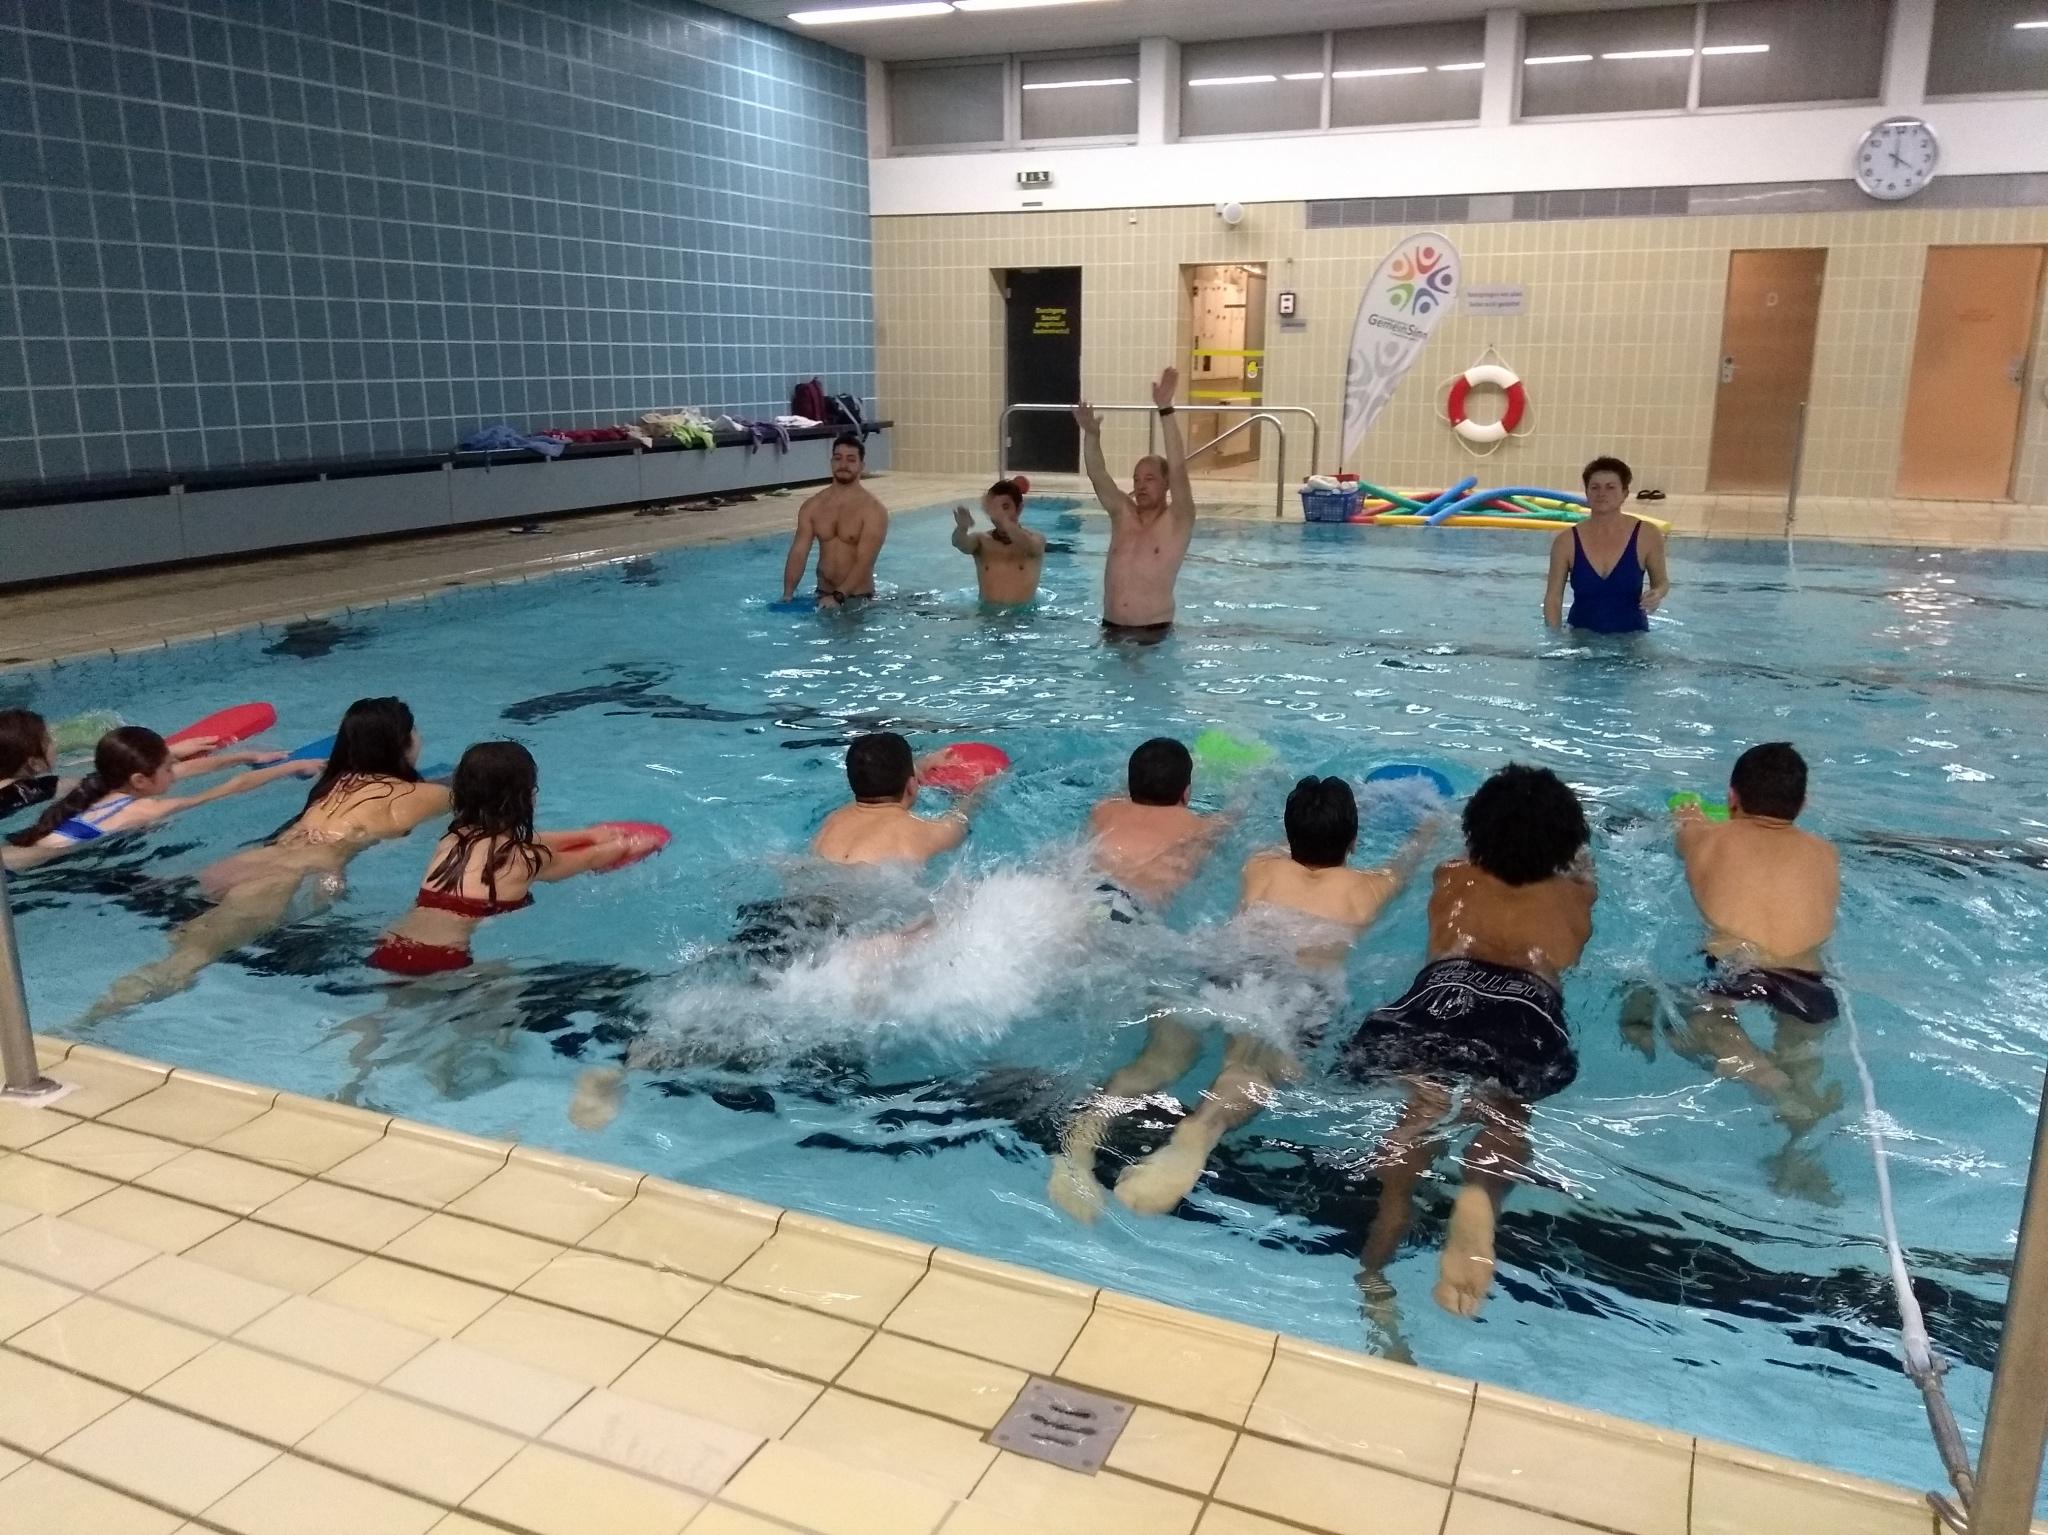 Kinder, Jugendliche und Frauen lernten bei acht Anfänger-Schwimmkursen im Hallenbad in Dittelbrunn das Schwimmen. Foto: Katrin Schauer